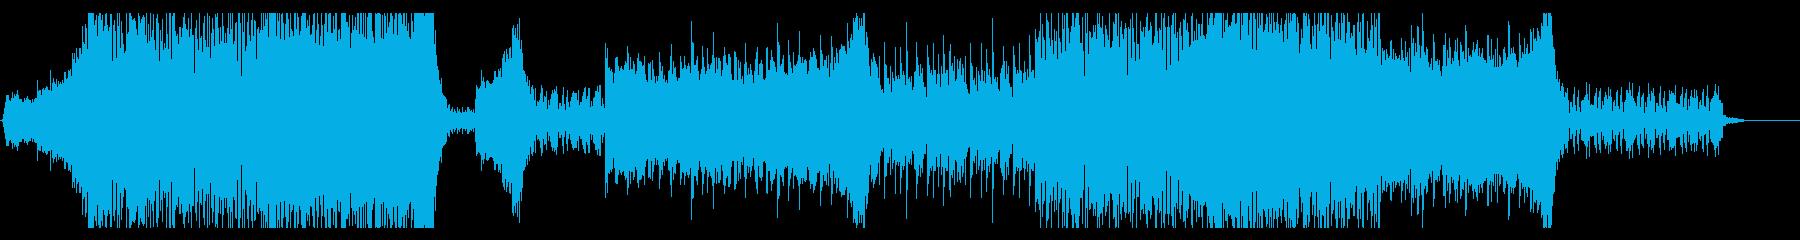 シネマティックエレクトロ 恐怖の再生済みの波形